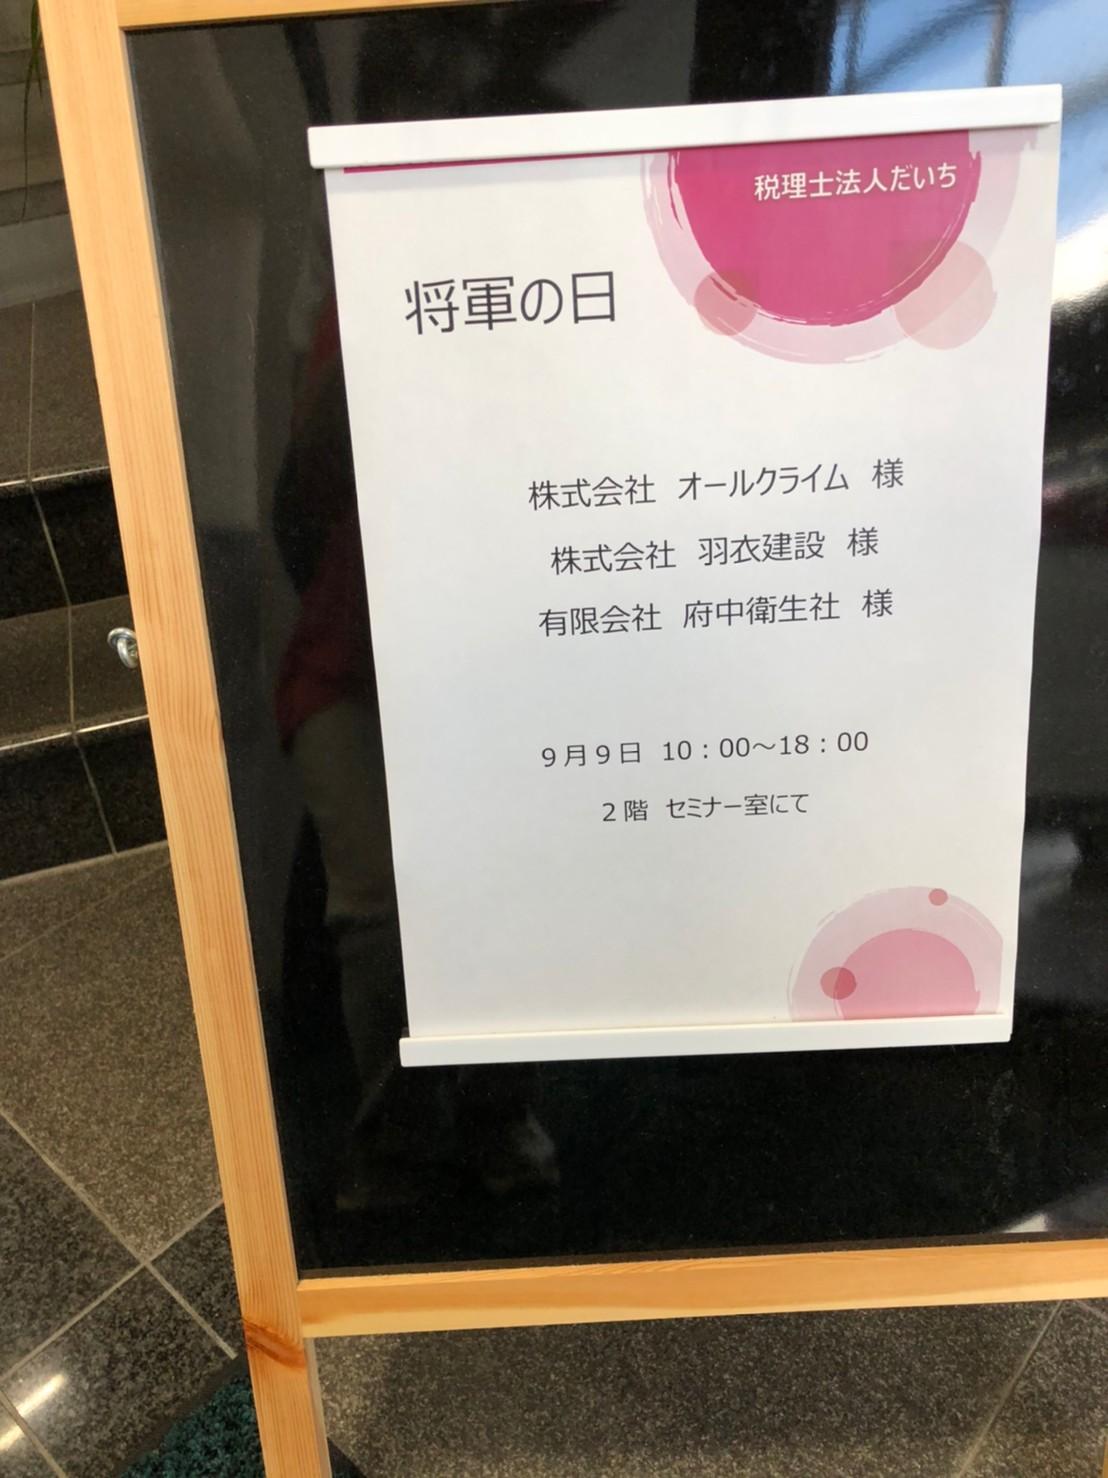 9/9 将軍の日開催!!